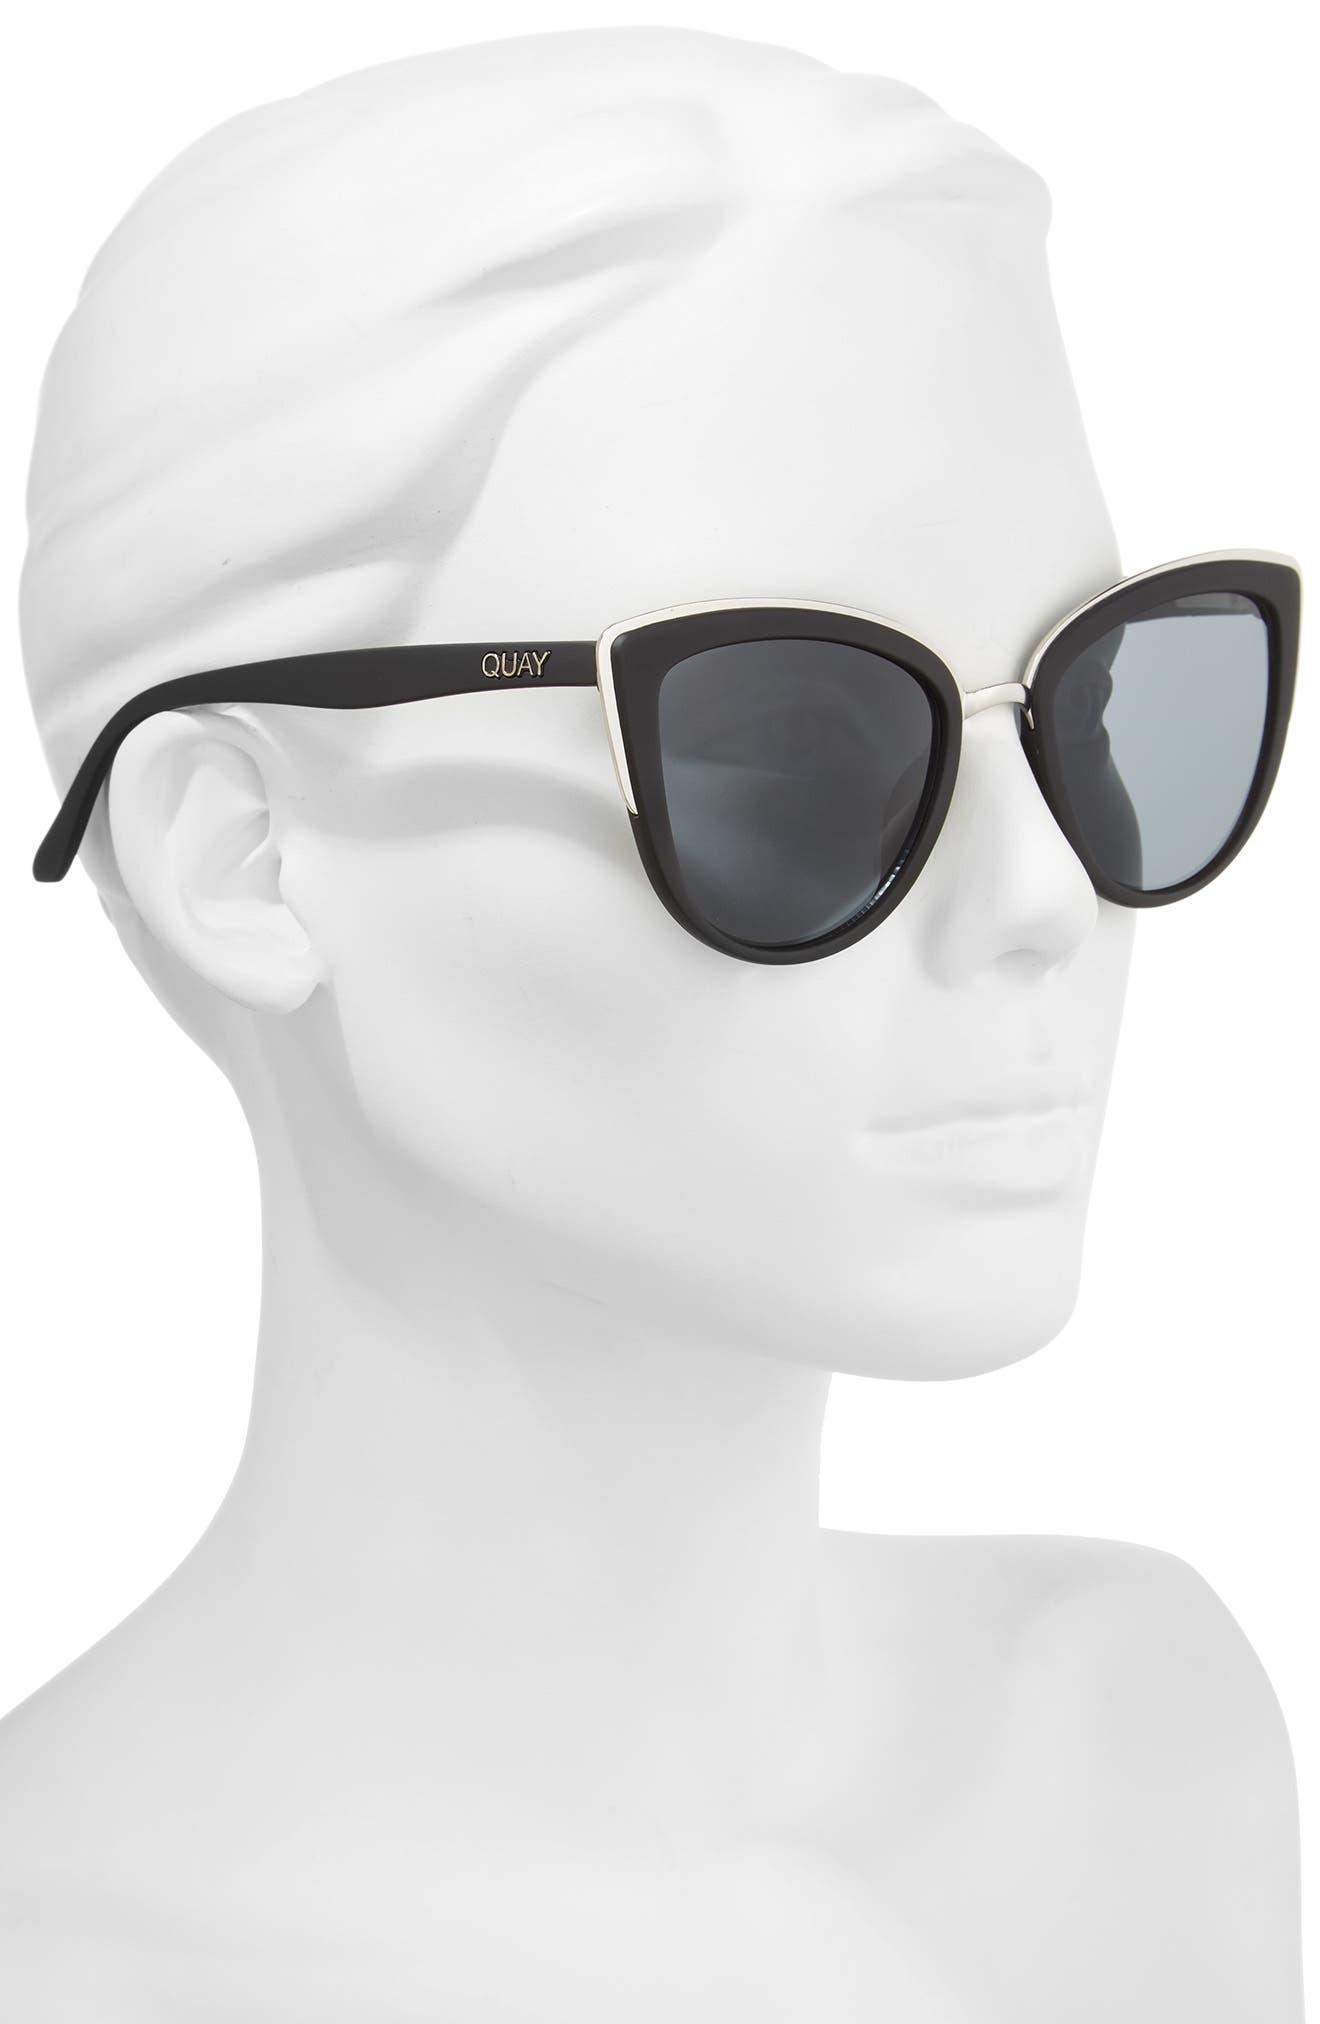 'My Girl' 50mm Cat Eye Sunglasses,                             Alternate thumbnail 2, color,                             BLACK/ SMOKE LENS